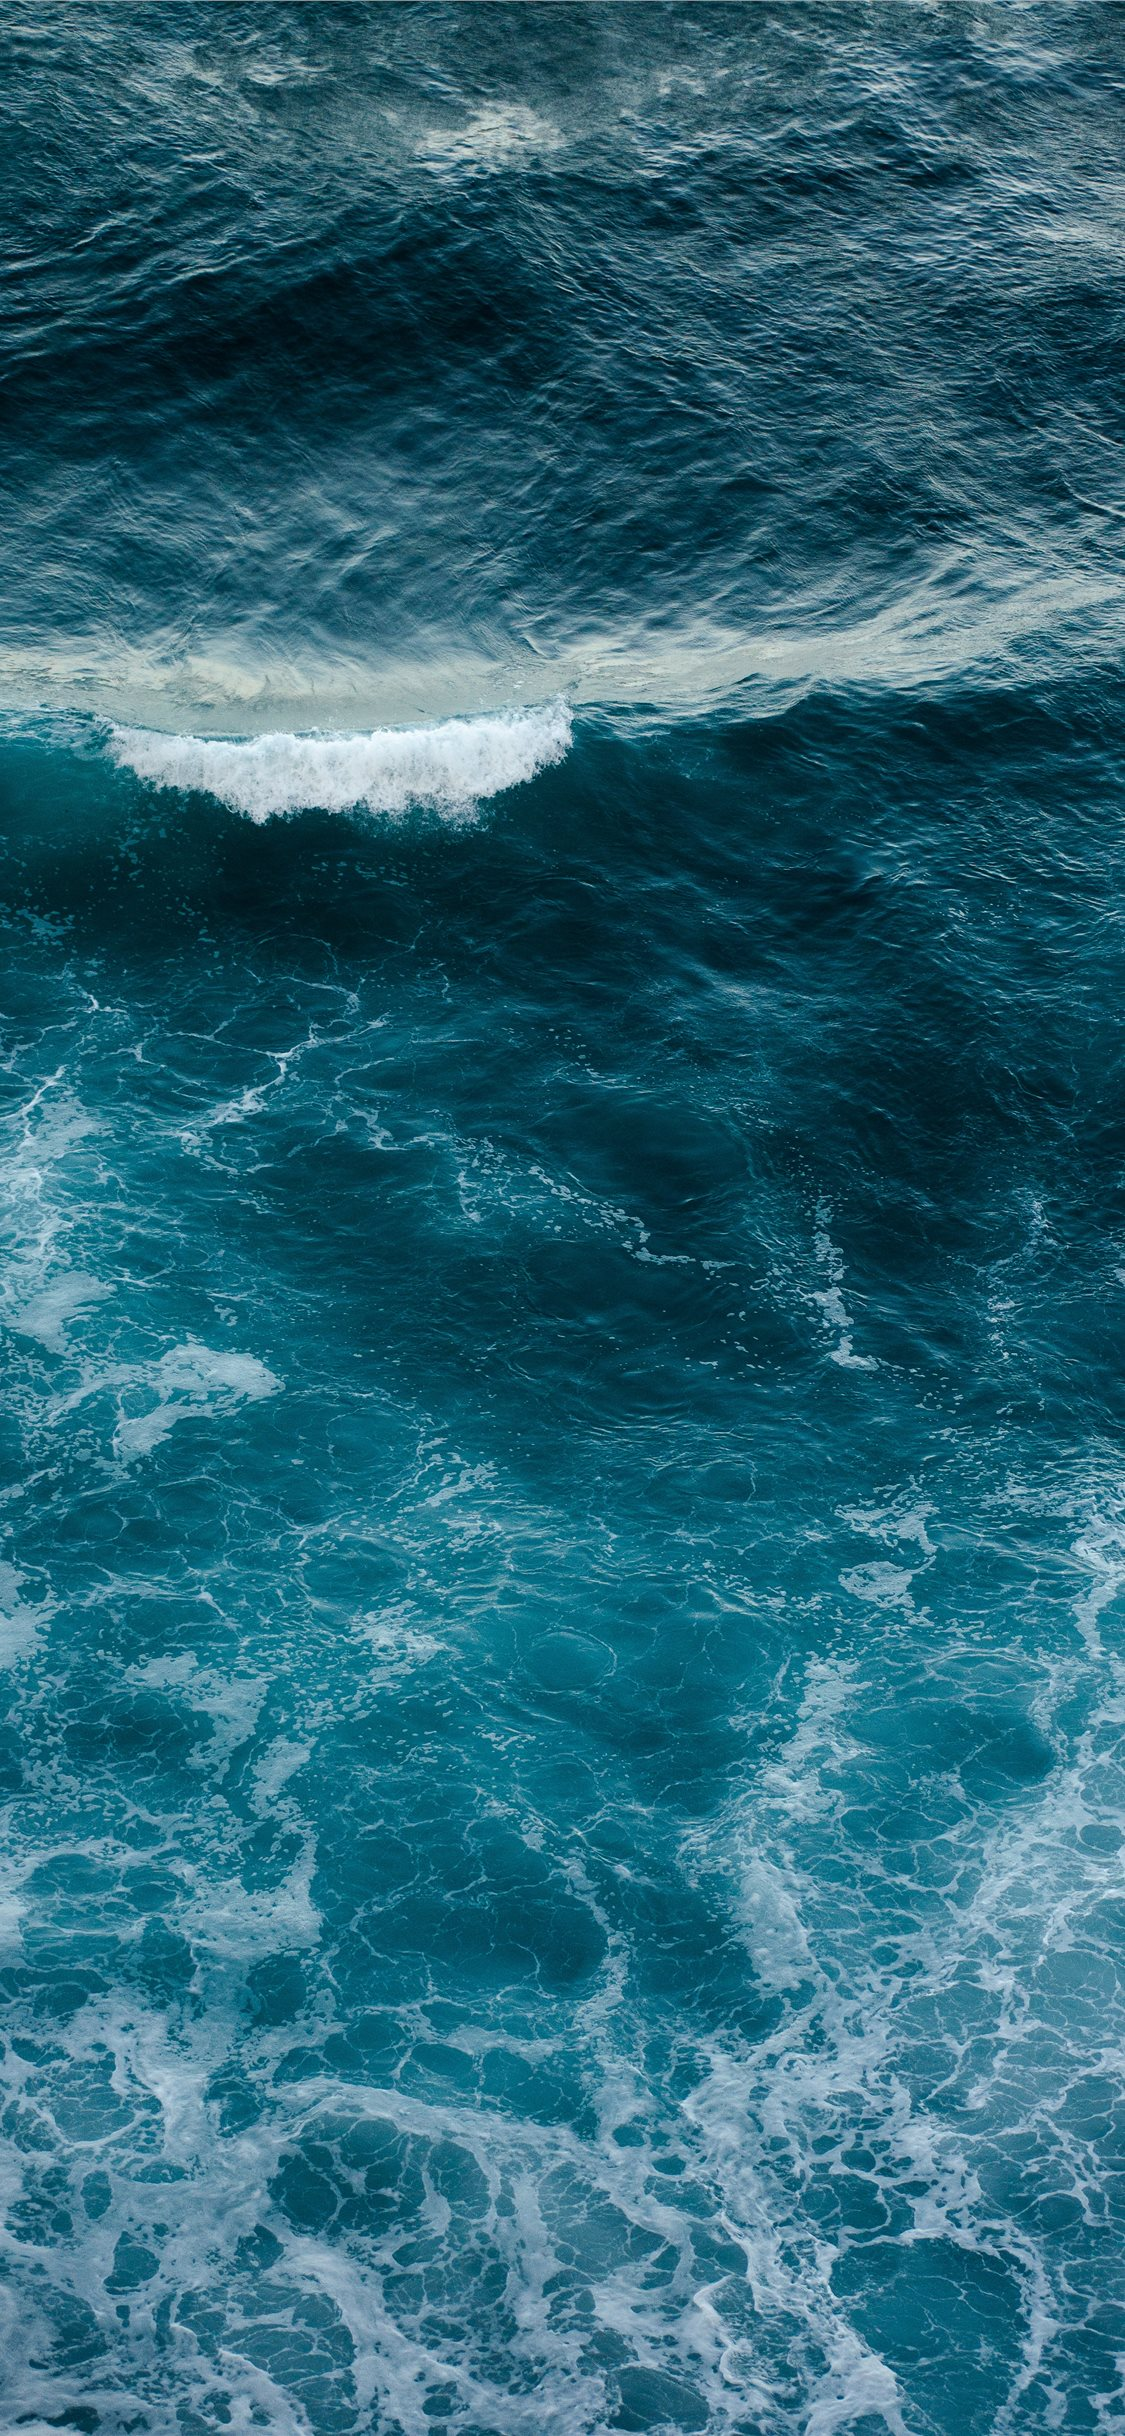 Wild Ocean Iphone X Wallpaper Download Iphone Wallpapers Ipad